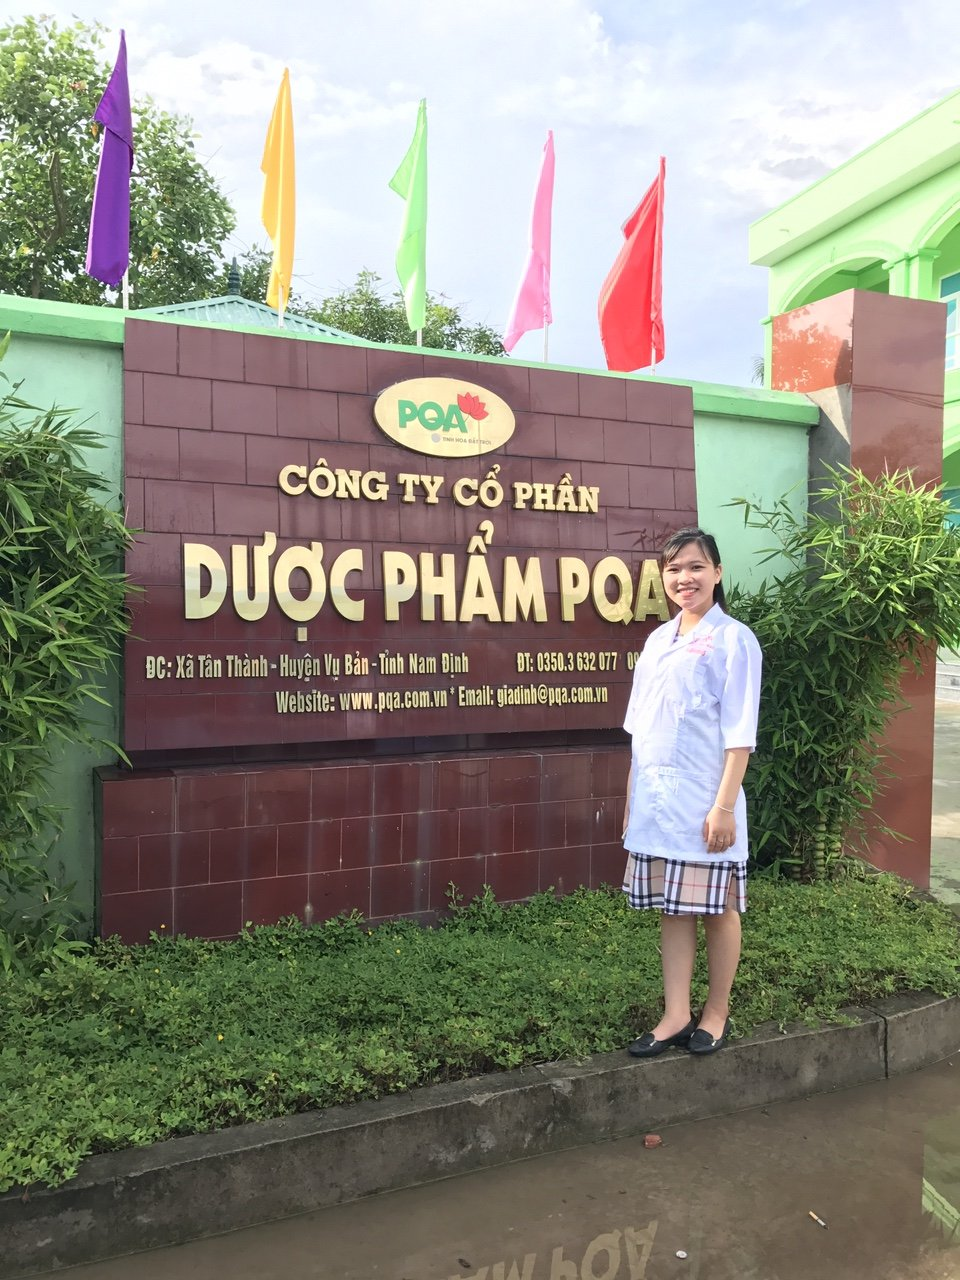 Vượt qua số phận: Thoát khỏi căn bệnh COPD Tây y bó tay của chú Tĩnh ở Bắc Ninh